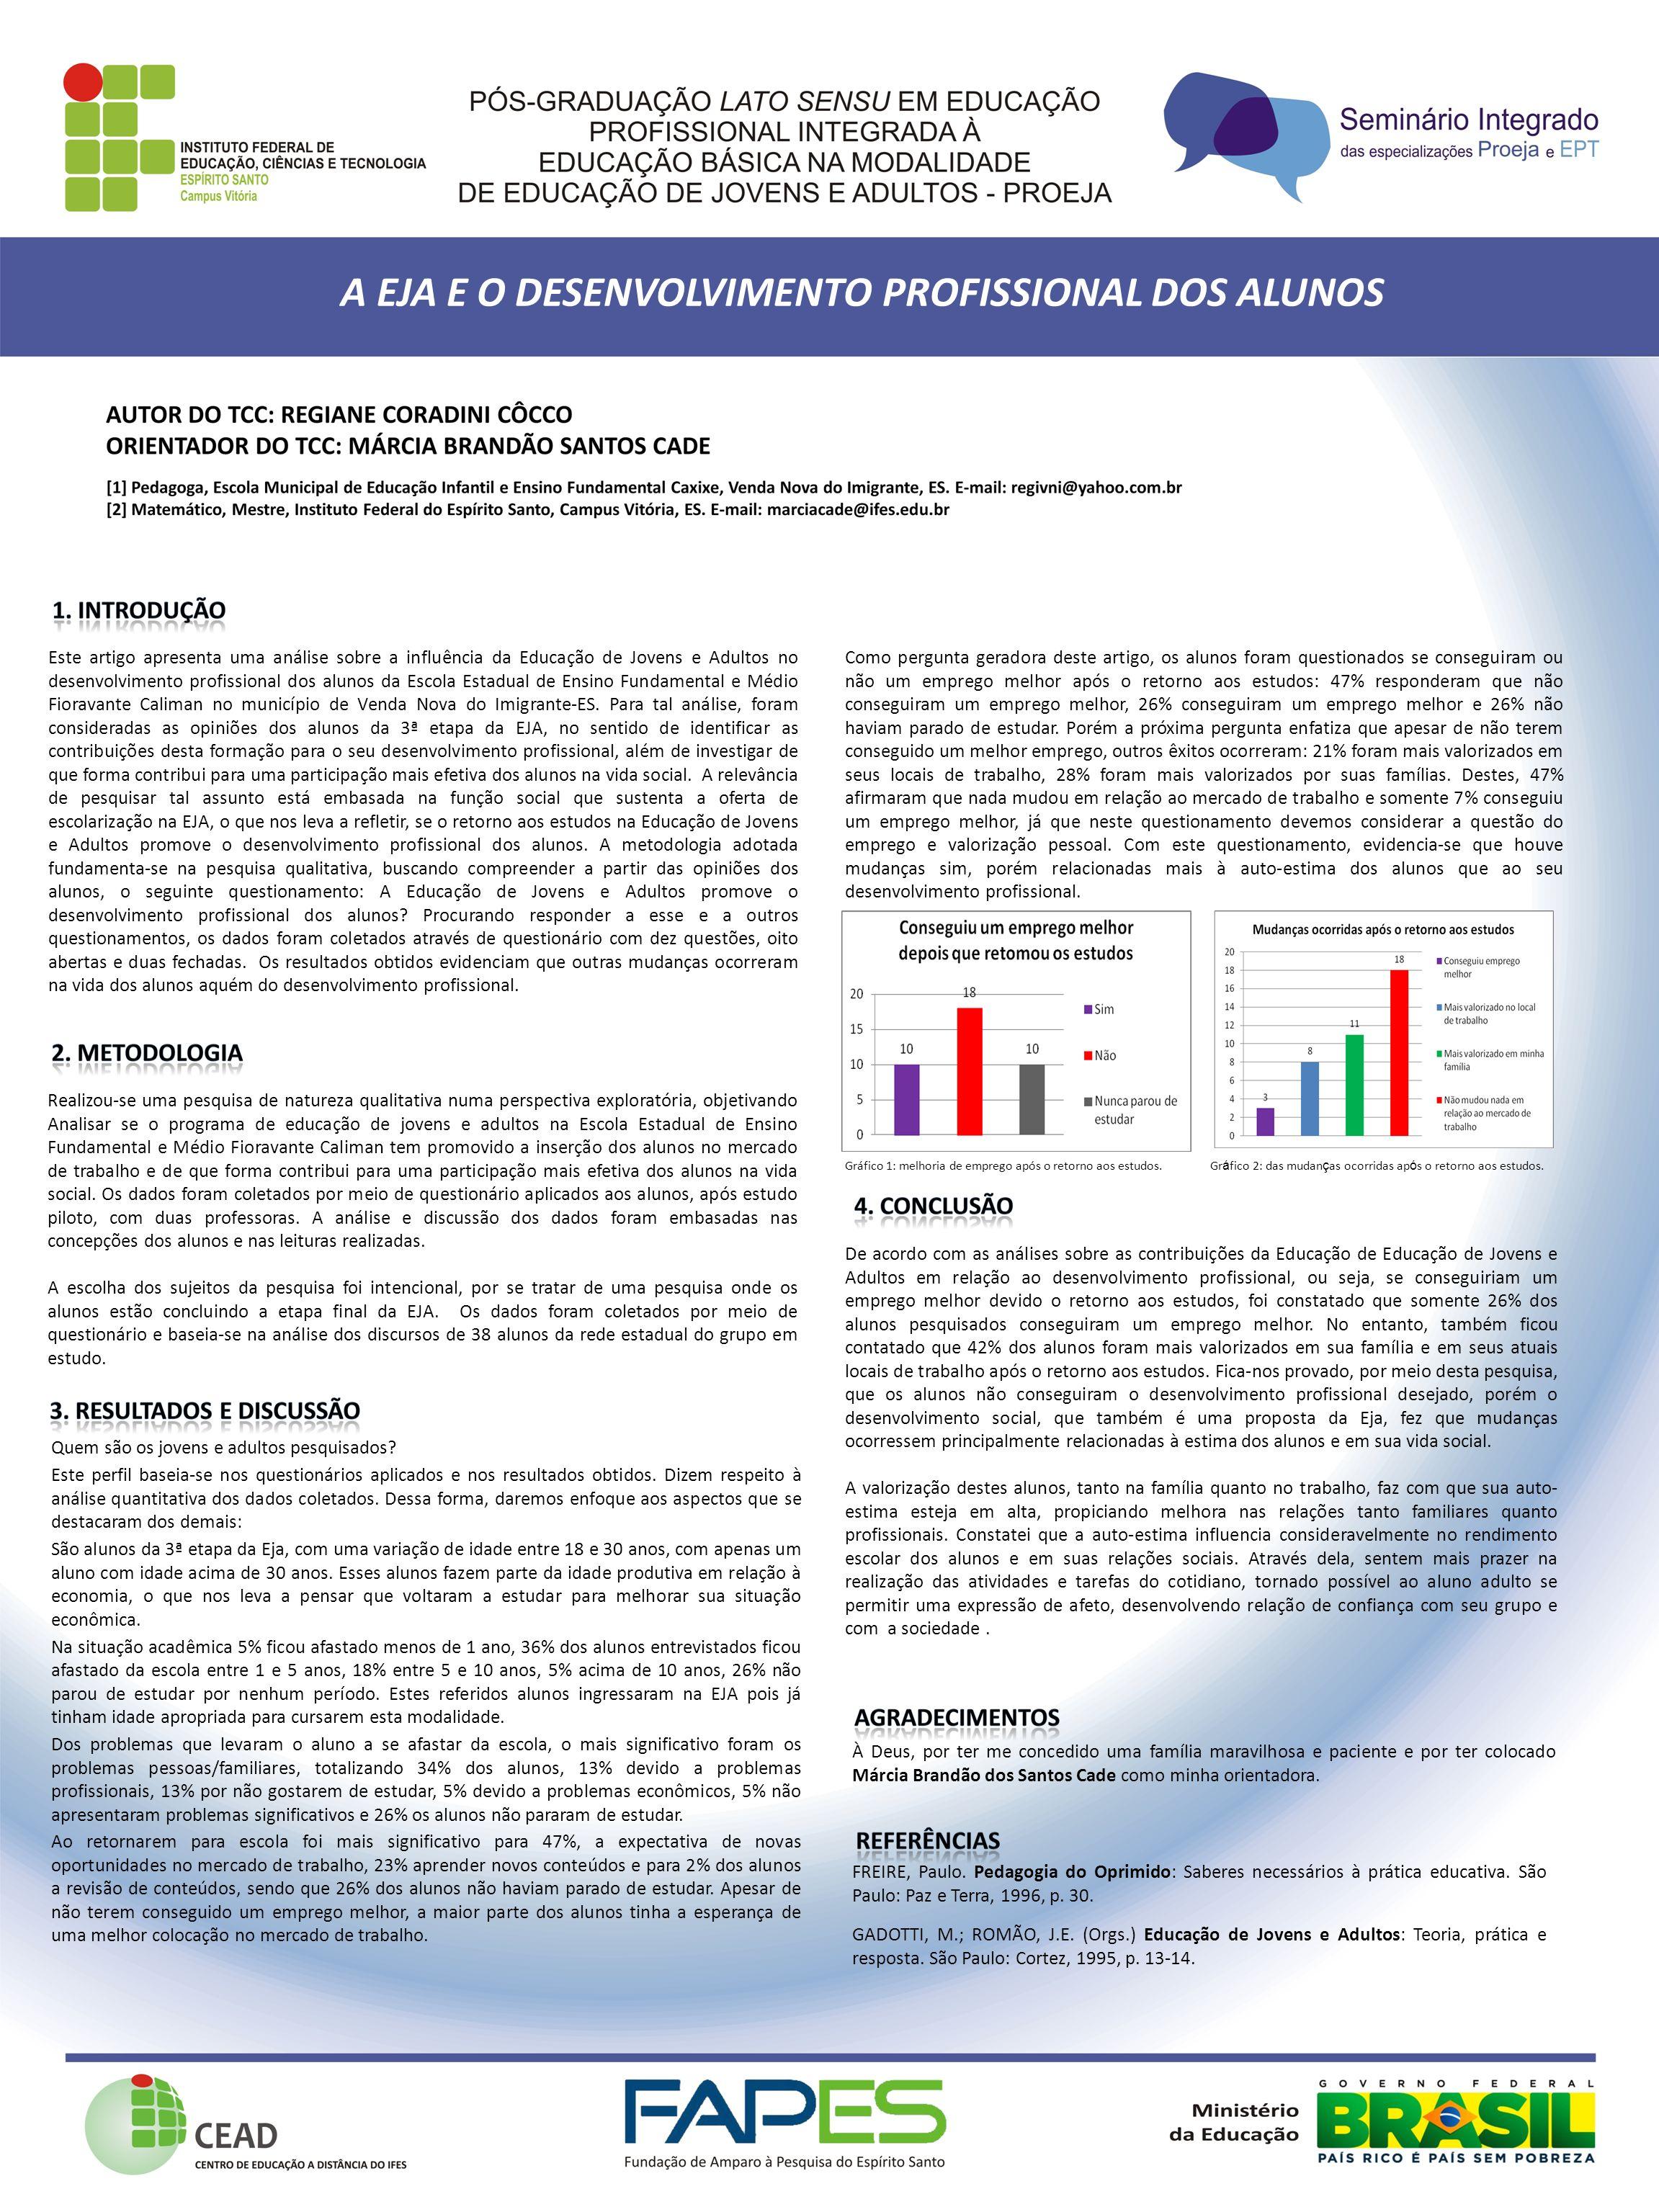 Este artigo apresenta uma análise sobre a influência da Educação de Jovens e Adultos no desenvolvimento profissional dos alunos da Escola Estadual de